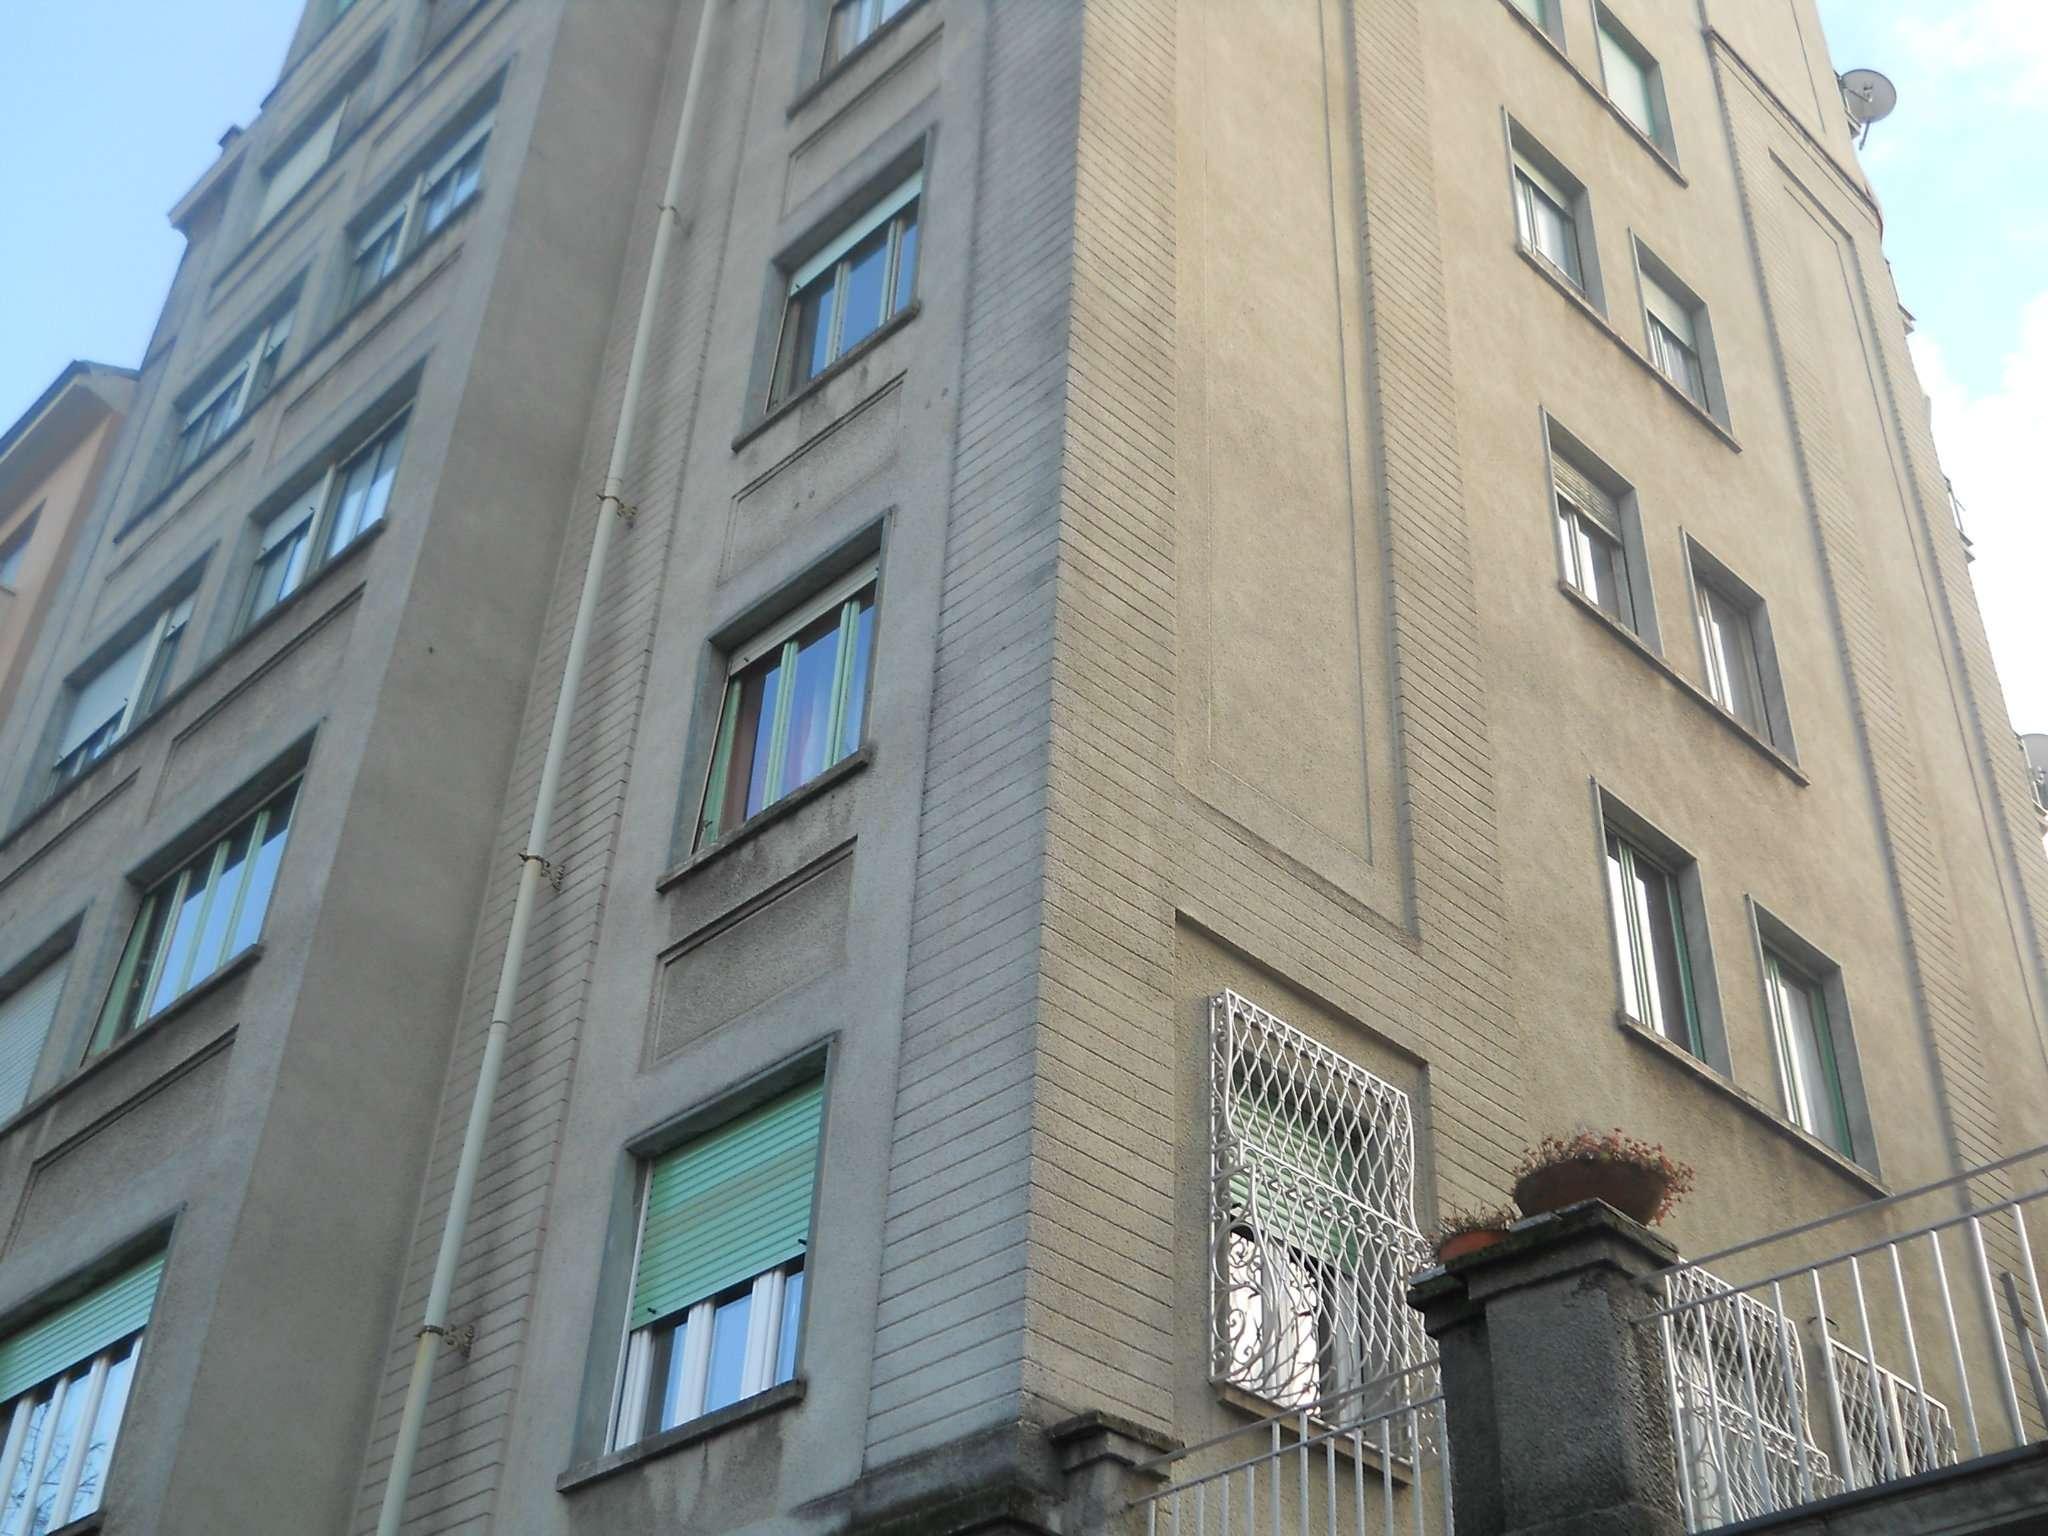 Appartamento in vendita a Torino, 3 locali, zona Zona: 4 . Nizza Millefonti, Italia 61, Valentino, prezzo € 88.000 | CambioCasa.it